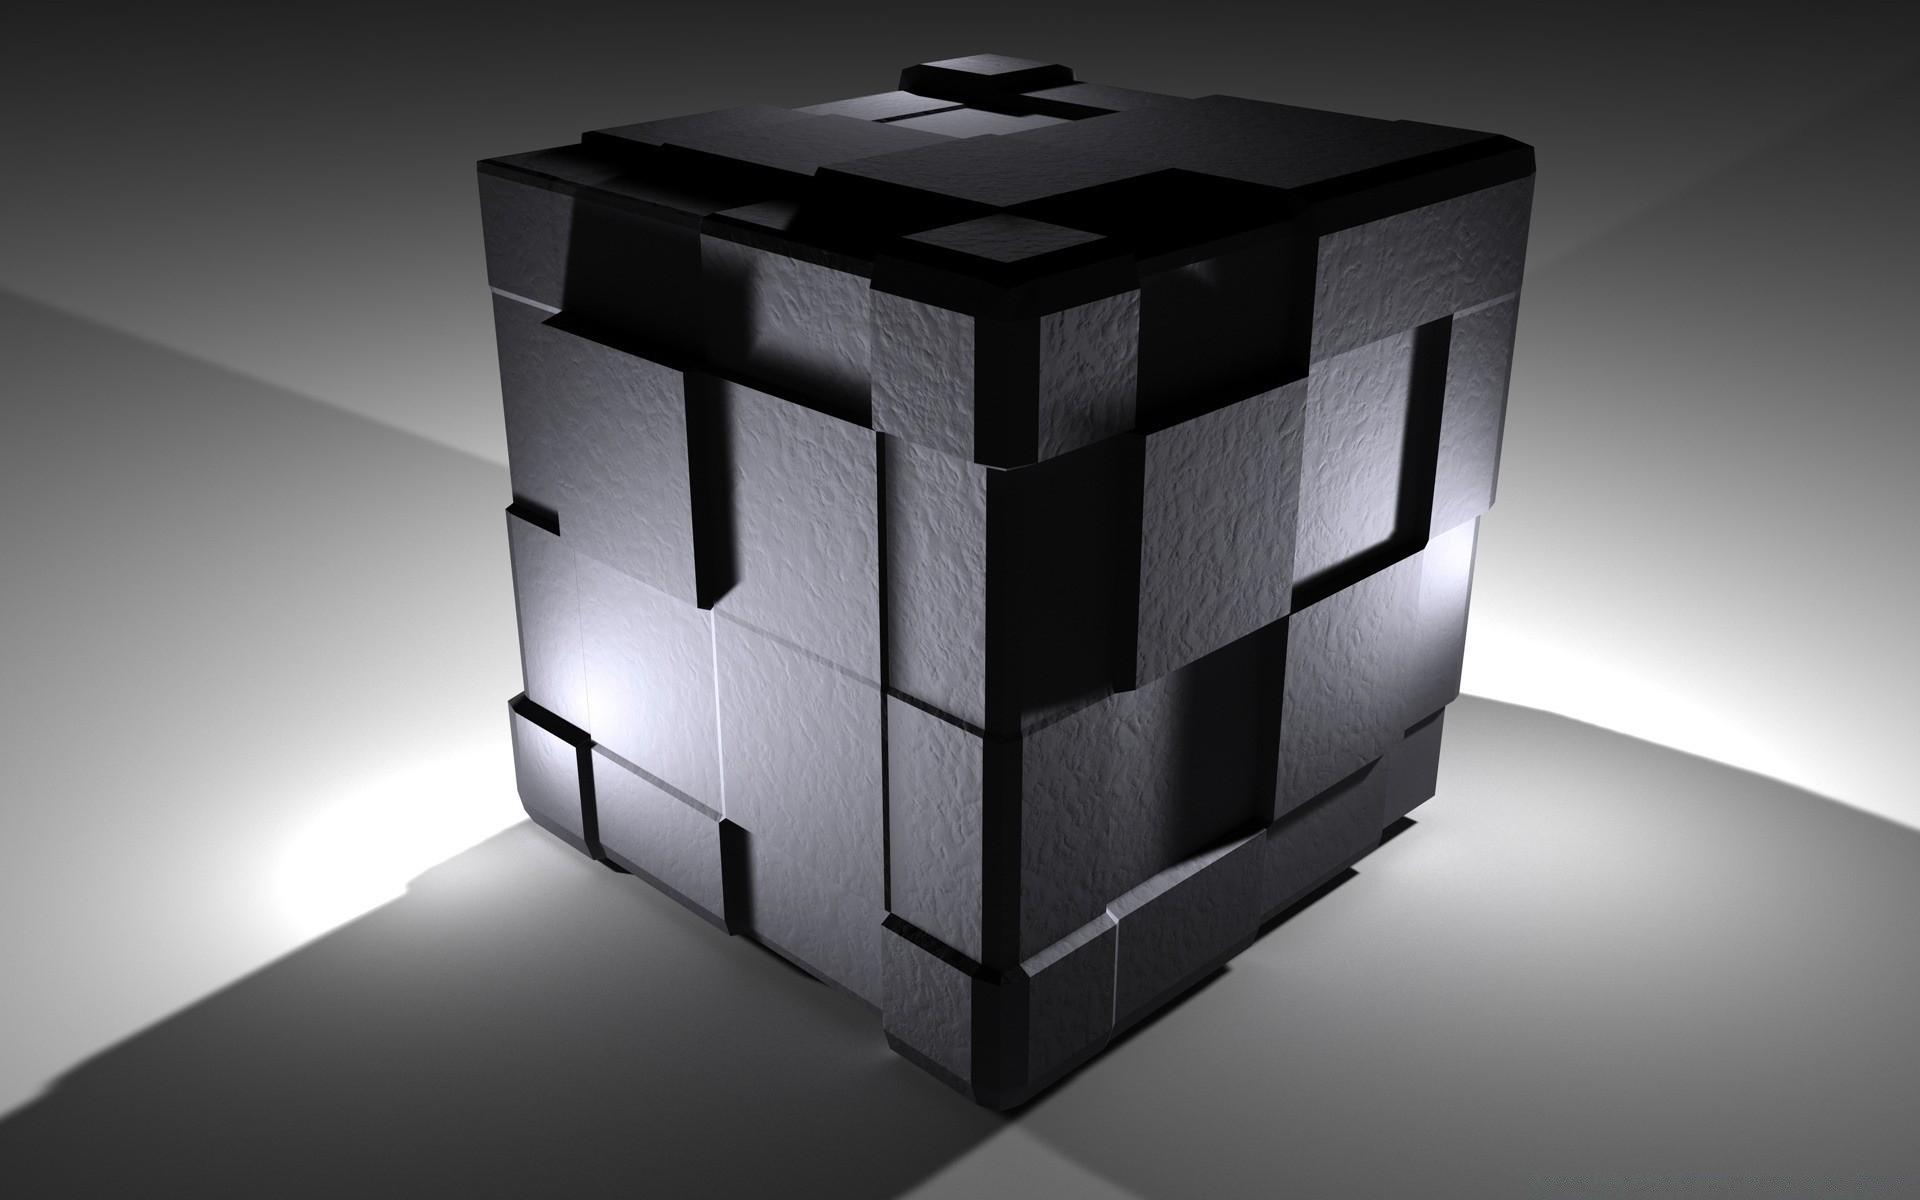 картинка для рабочего стола черные кубы попова